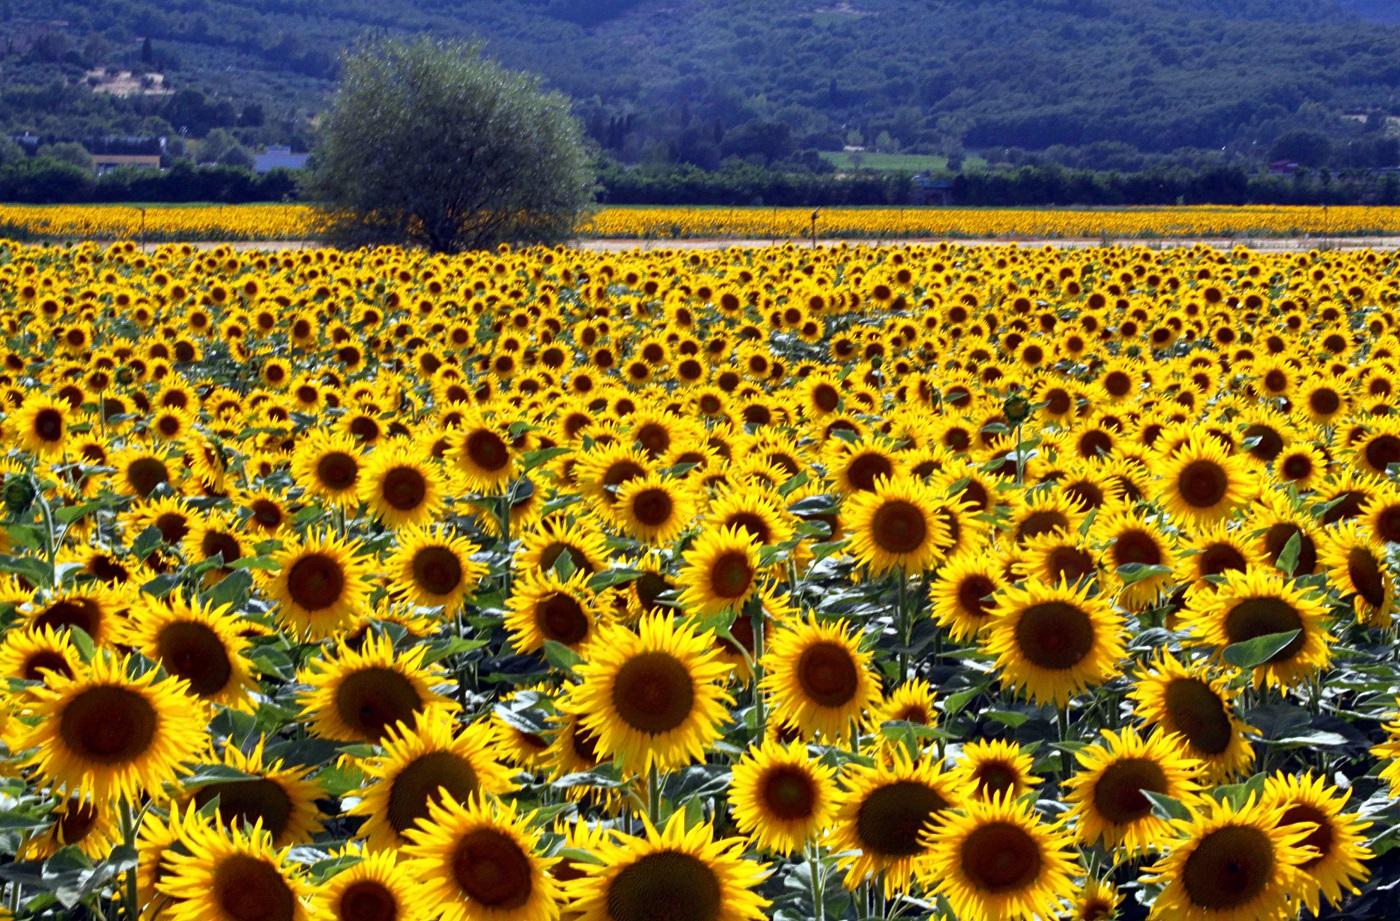 Culturile de floarea soarelui sunt specifice zonei